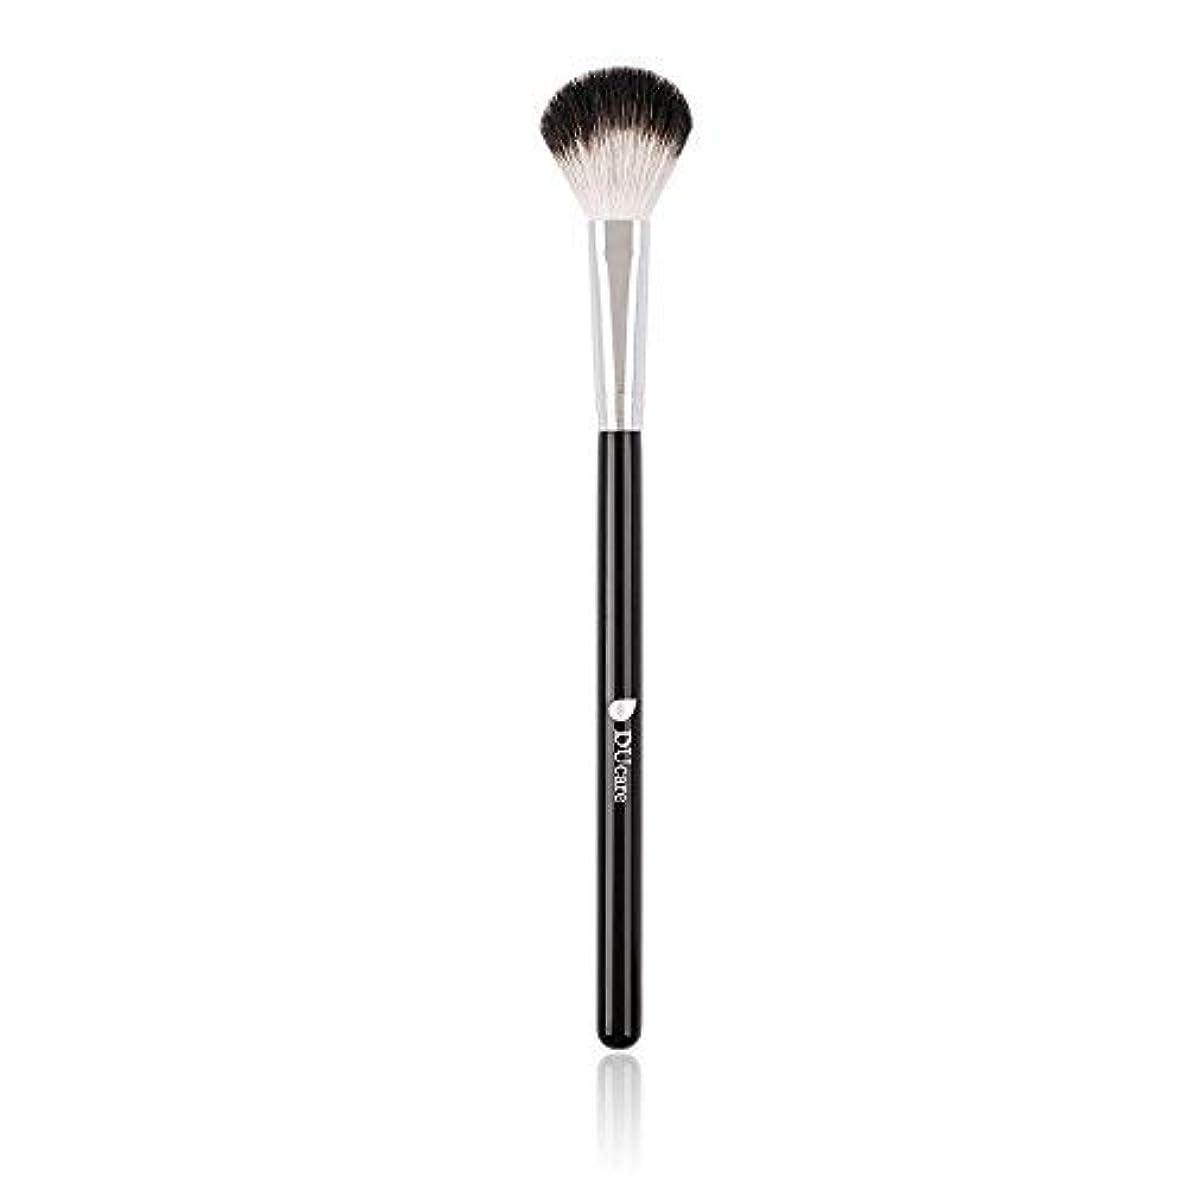 性差別クランプ刈るDUcare 化粧筆 ハイライトブラシ 白尖峰を100%使用 ハイライト&チック&パウダー用